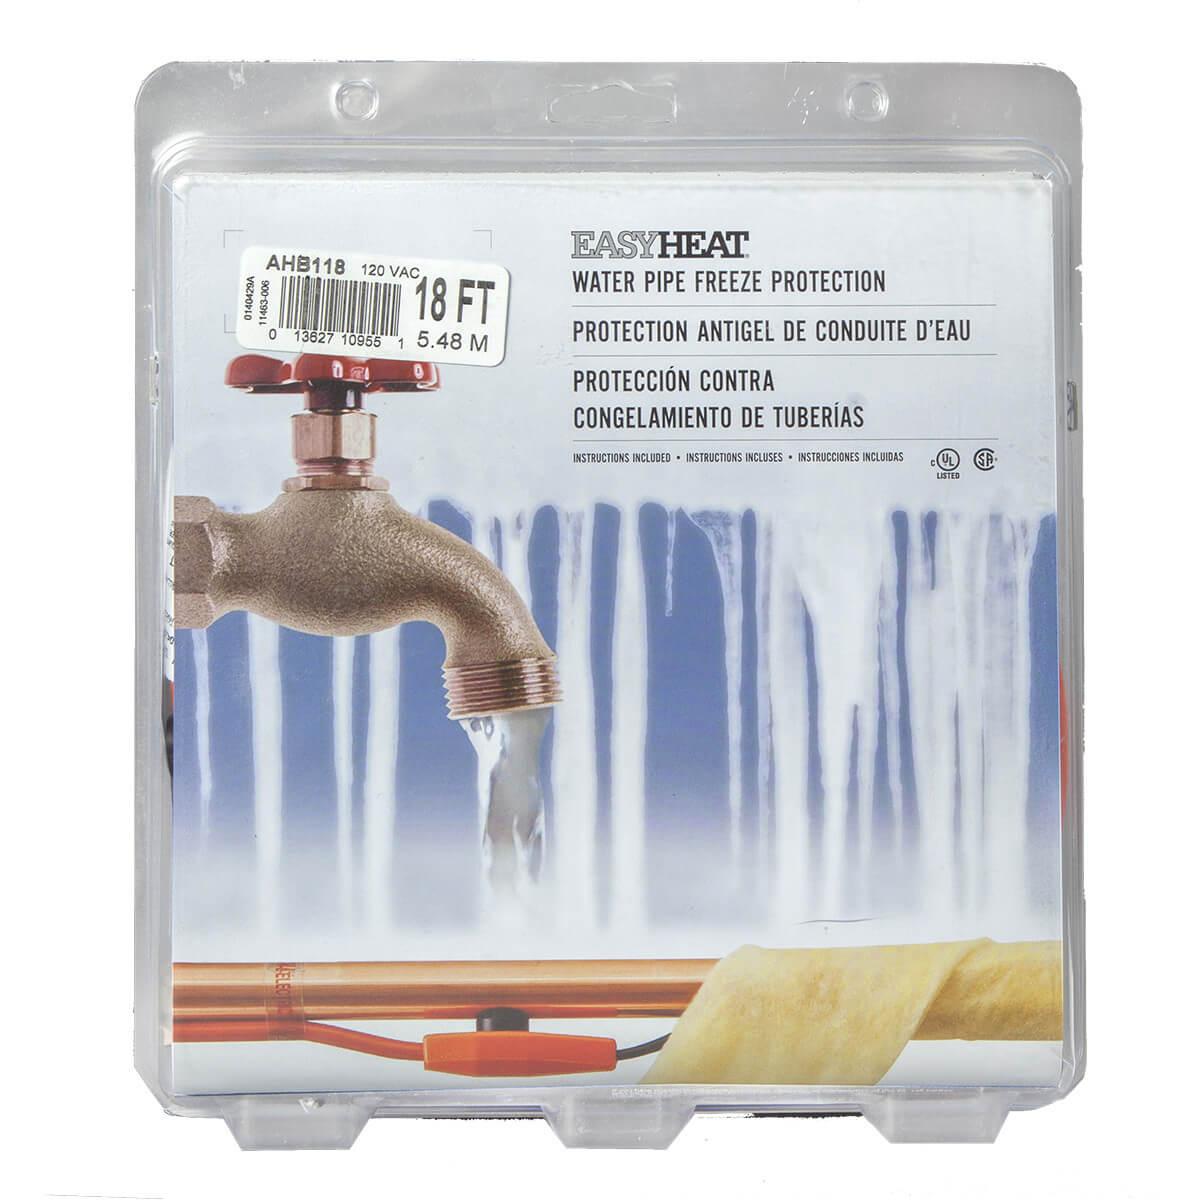 Heat Tape - Easy Heat - 18' or 6M